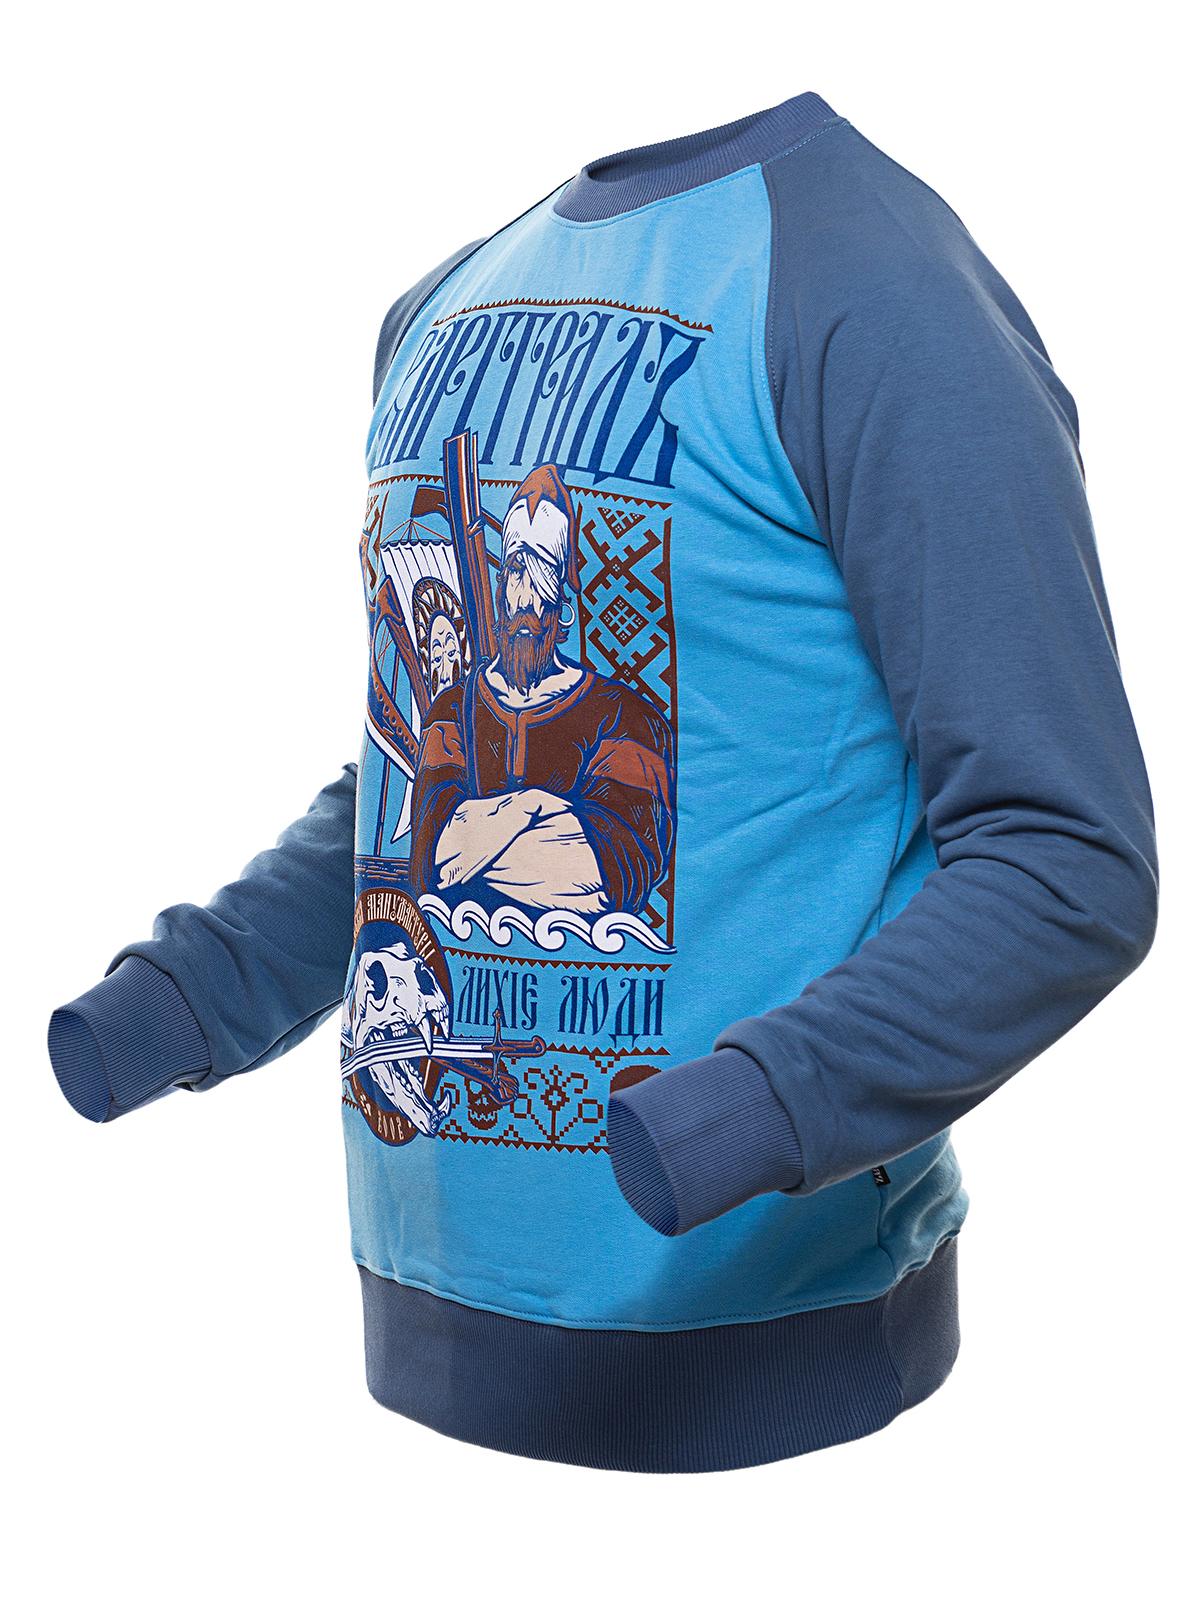 Свитшот Варгградъ мужской сине-голубой